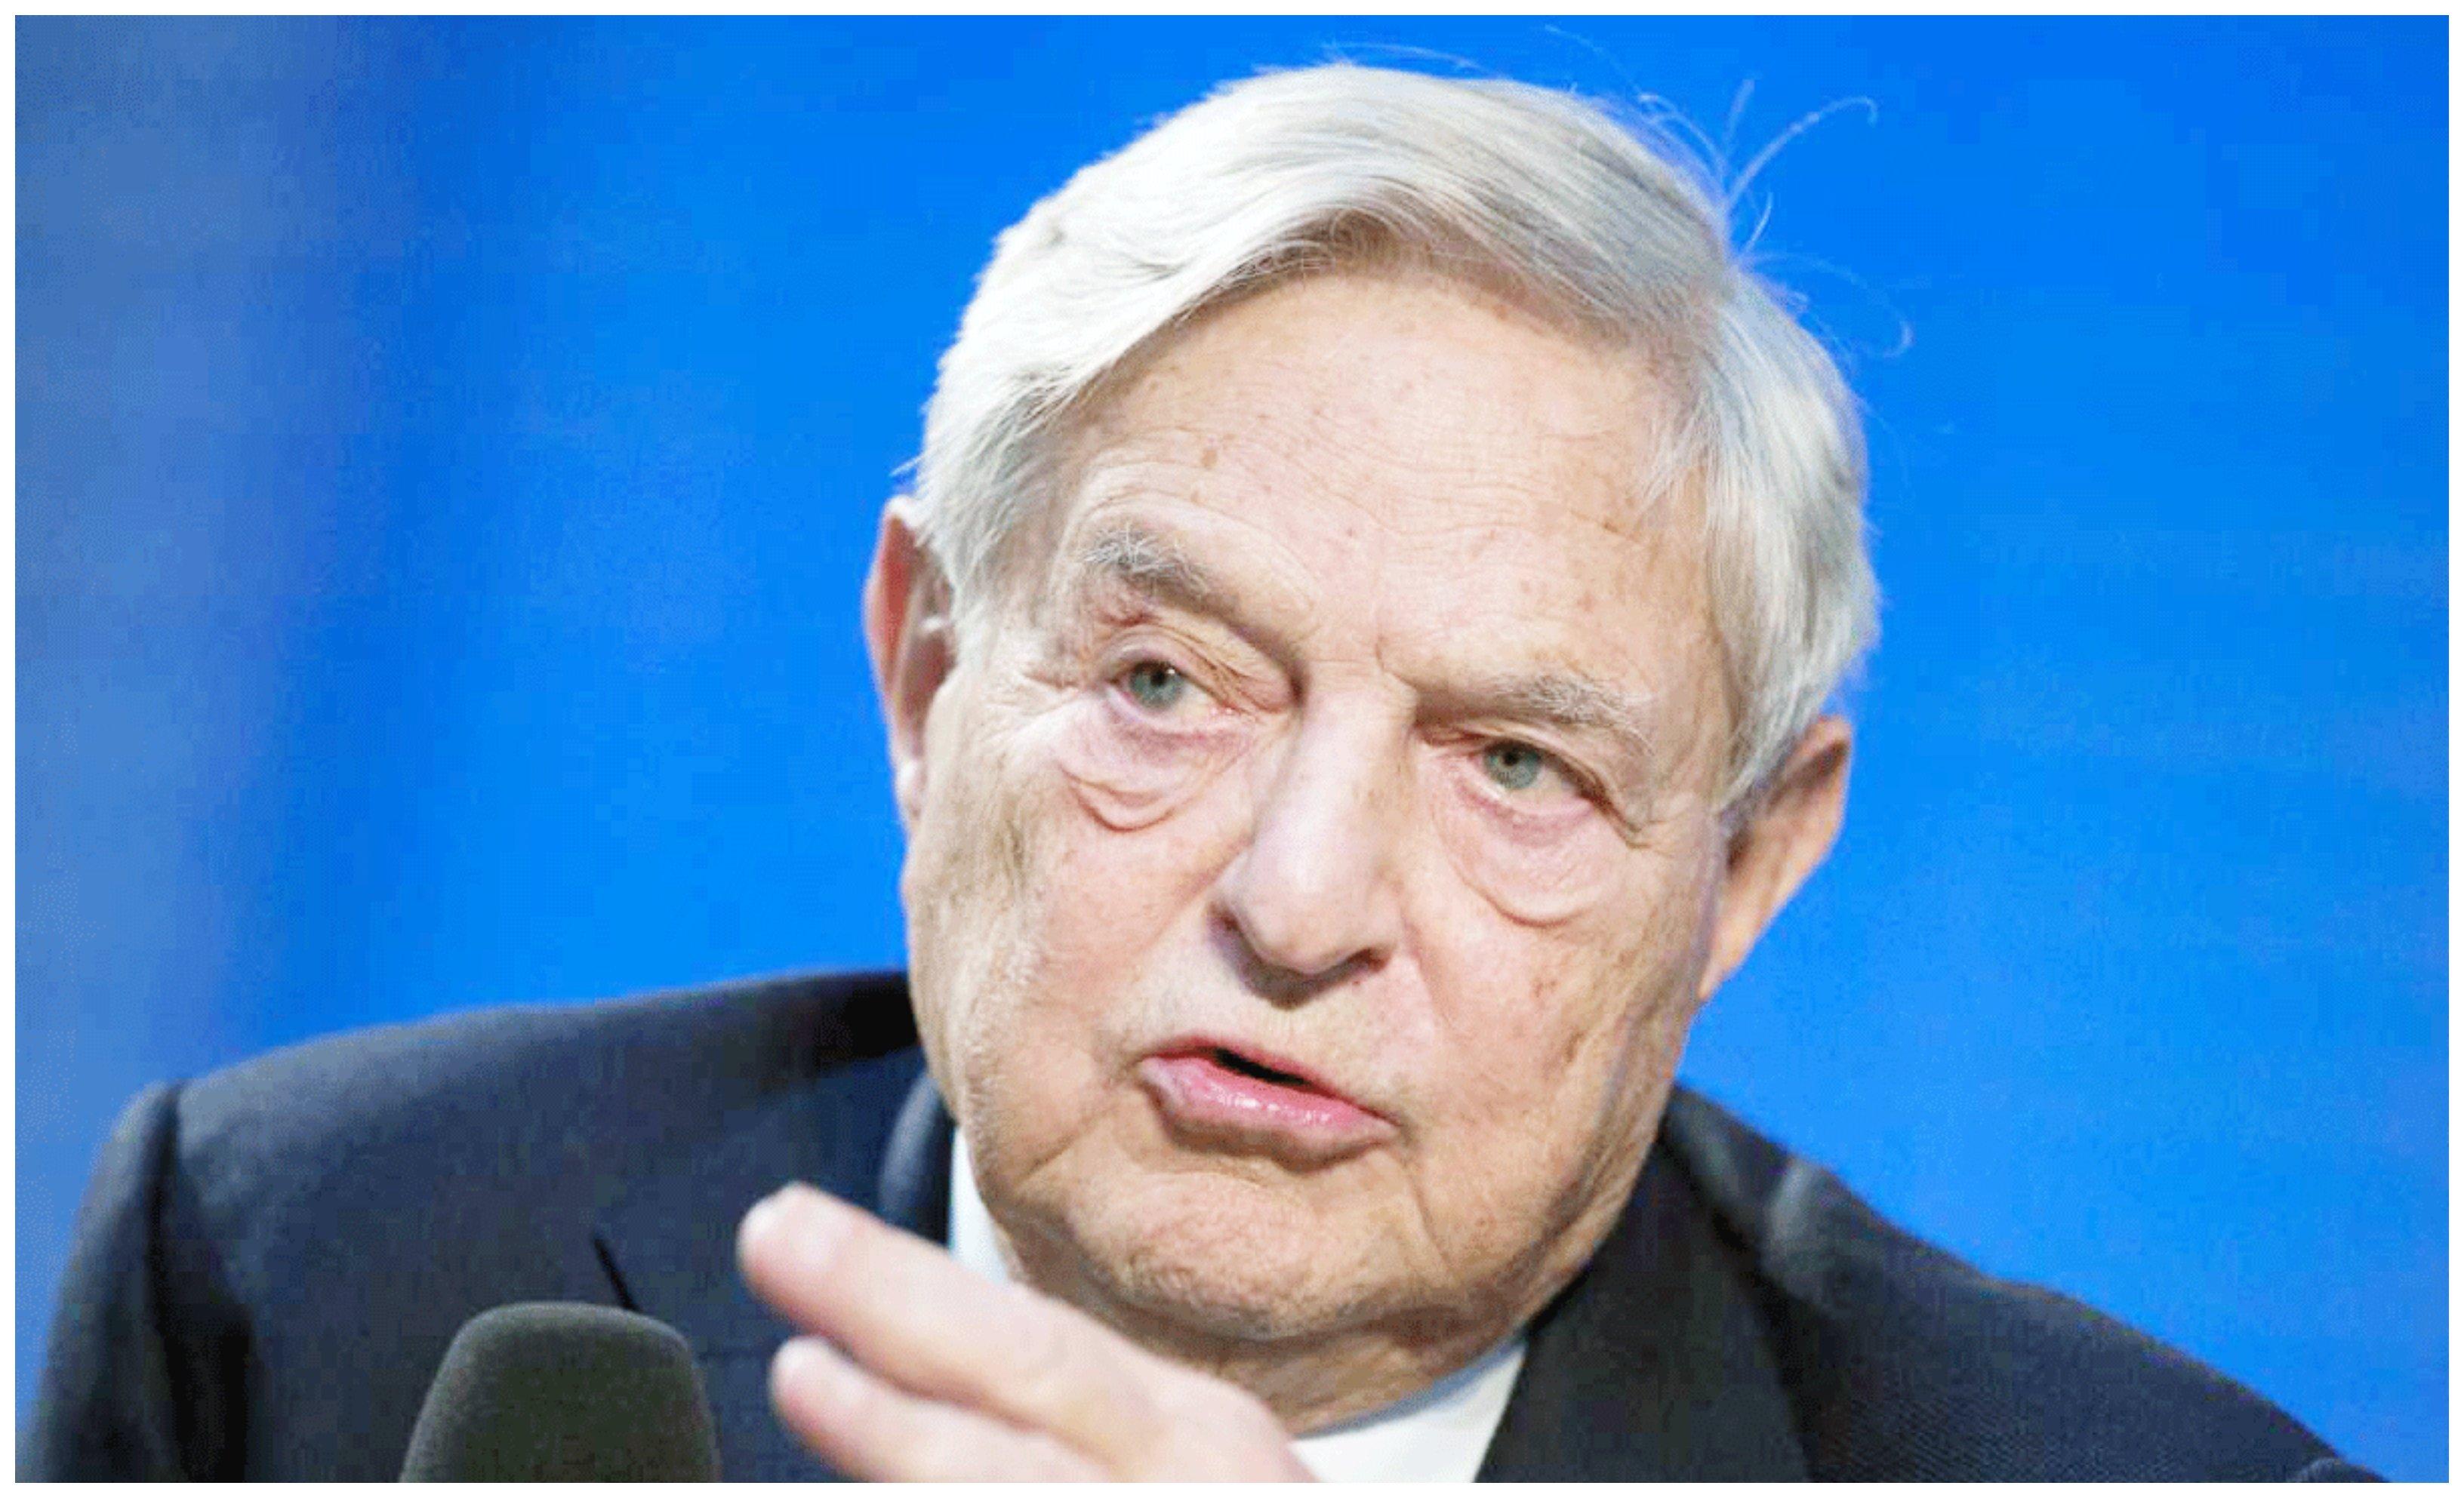 Objetivo de George Soros en Europa: eliminar la objeción de conciencia y obligar a los sanitarios a abortar y a aplicar la eutanasia